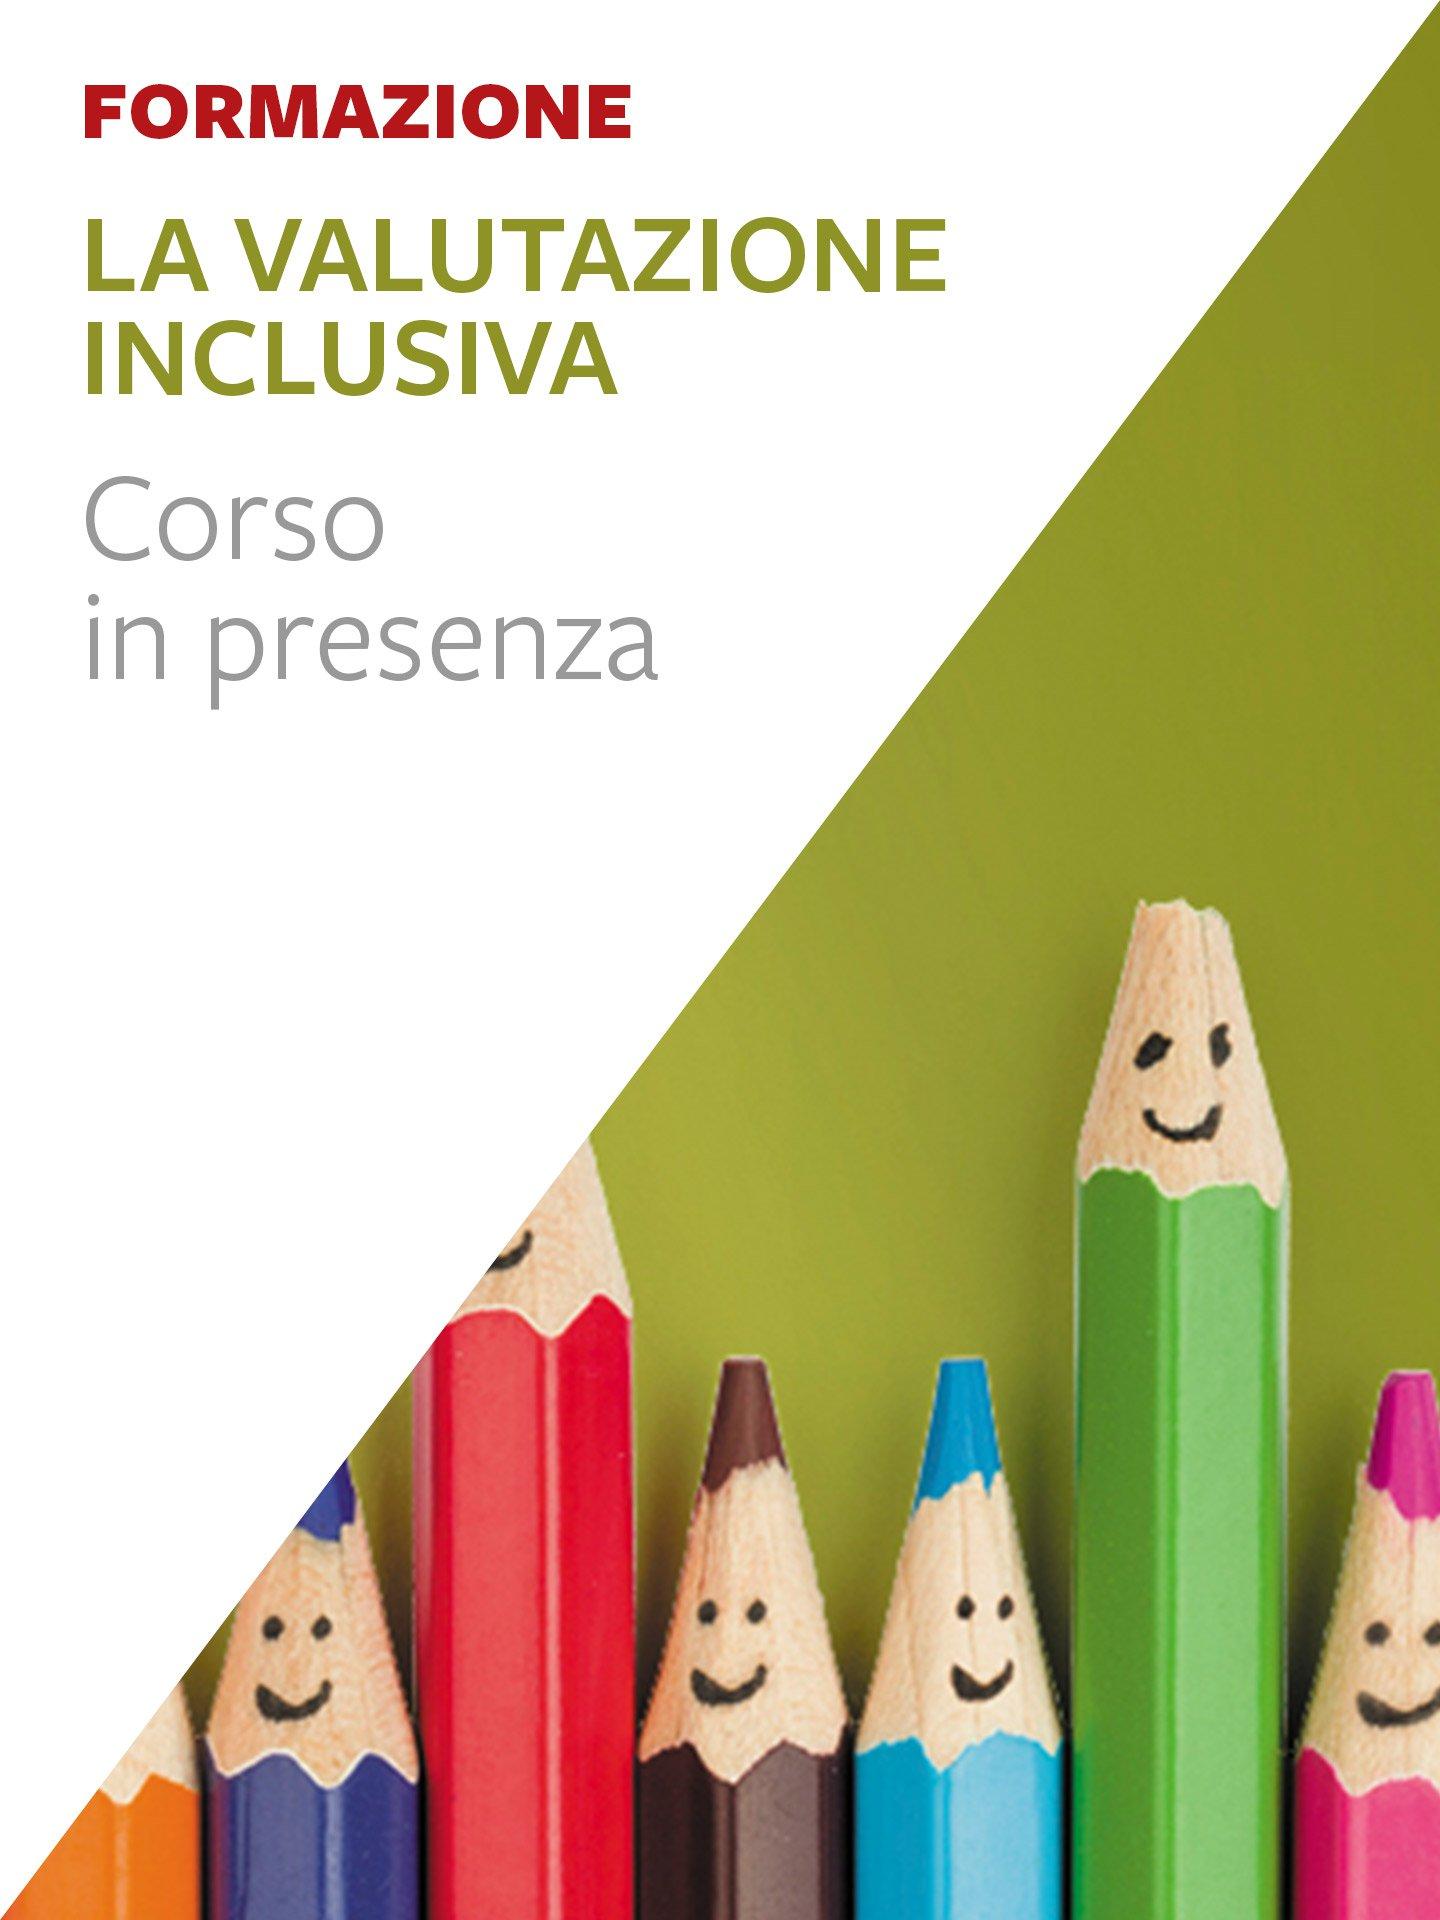 La valutazione inclusiva - Insegnare Domani nella Scuola Secondaria - Libri - Erickson